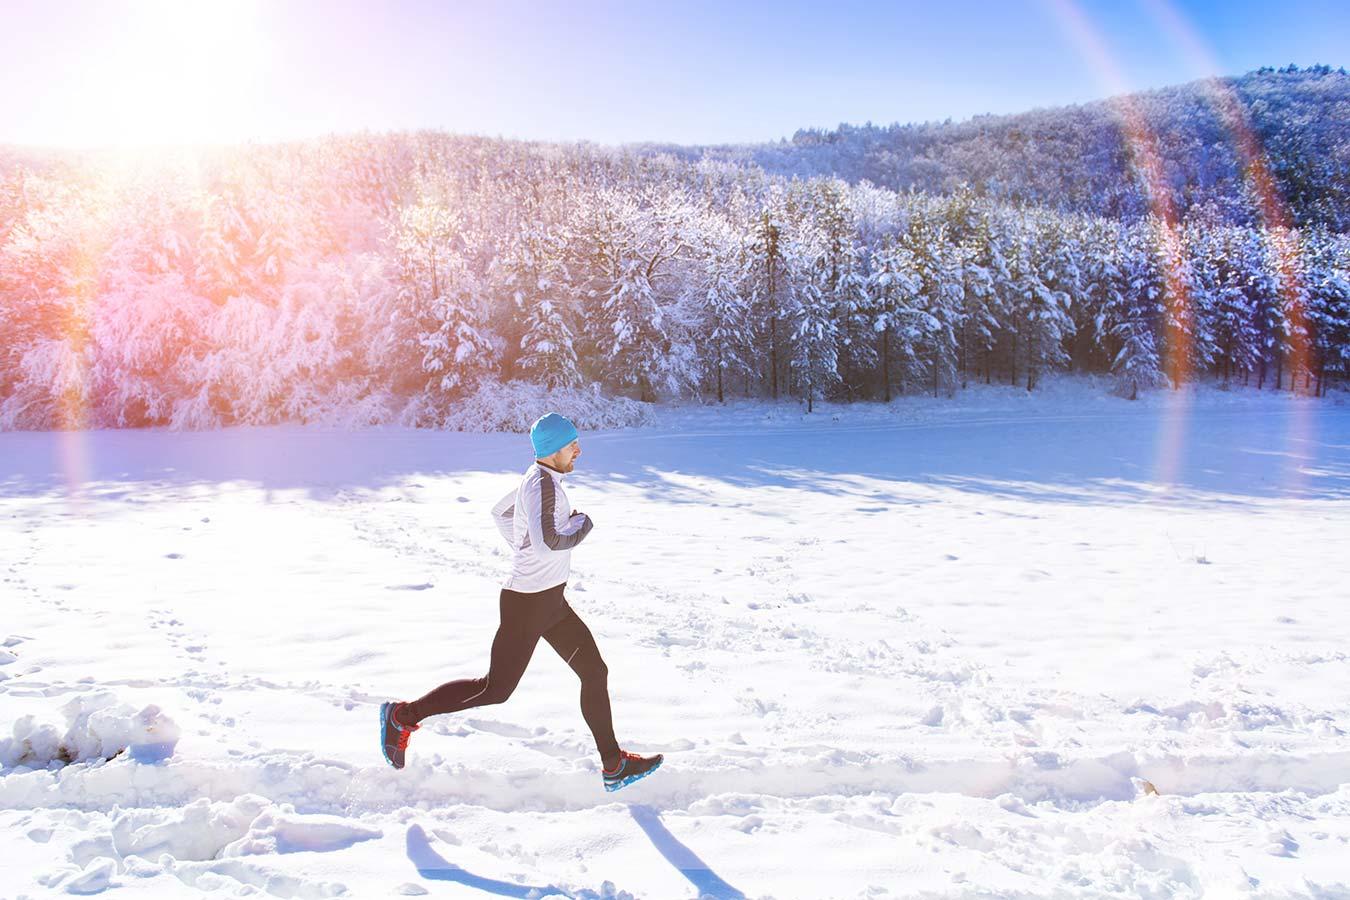 koliko-hladno-je-prehladno-za-trcanje